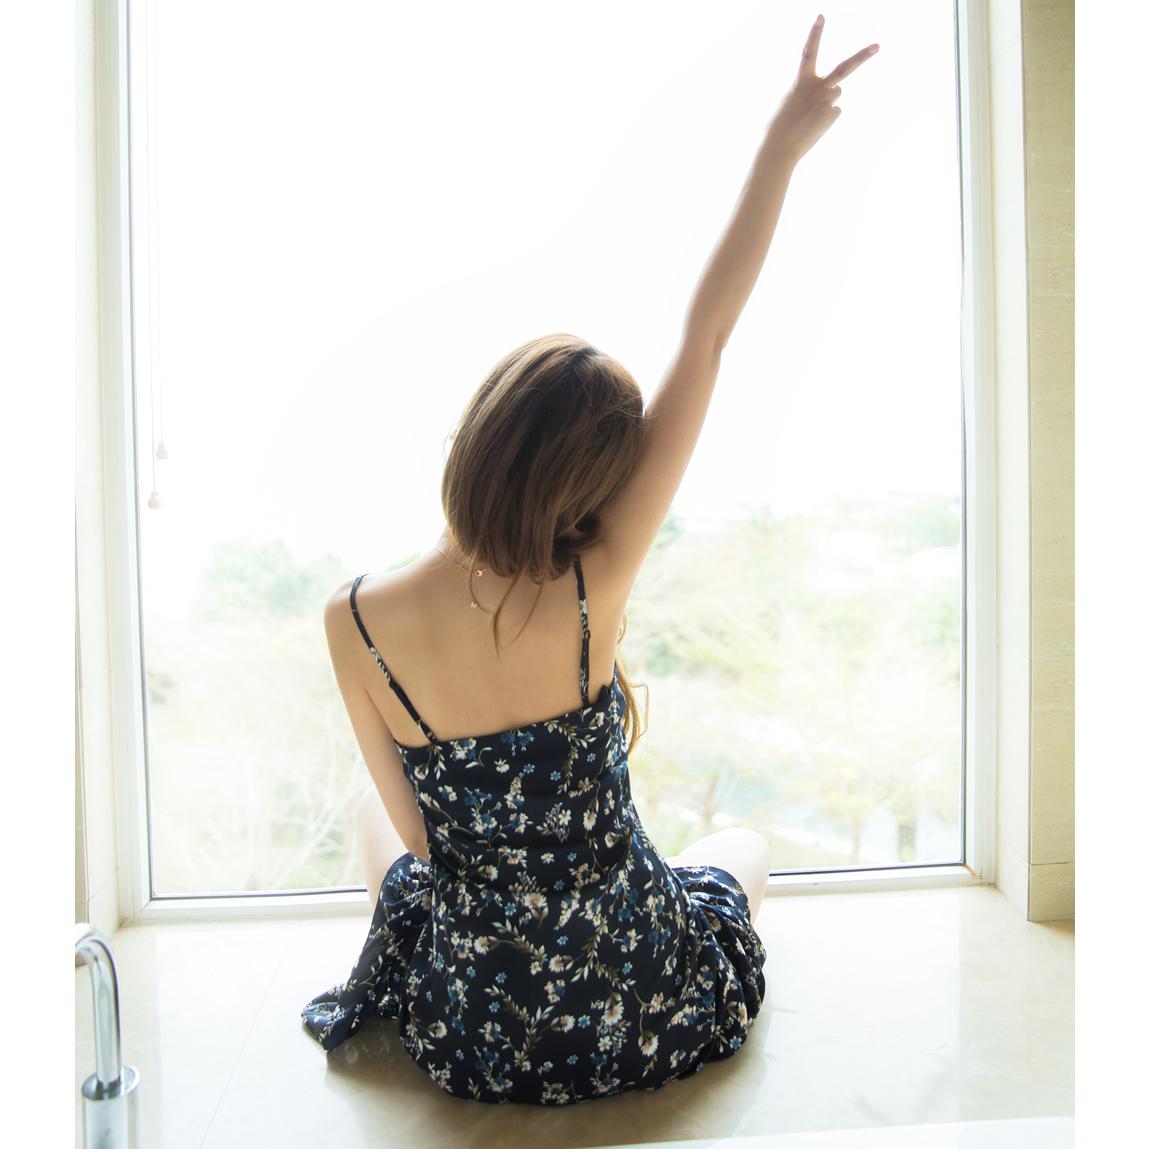 潮韓版連衣裙時尚夏季吊帶學生碎花清新女裝裙子